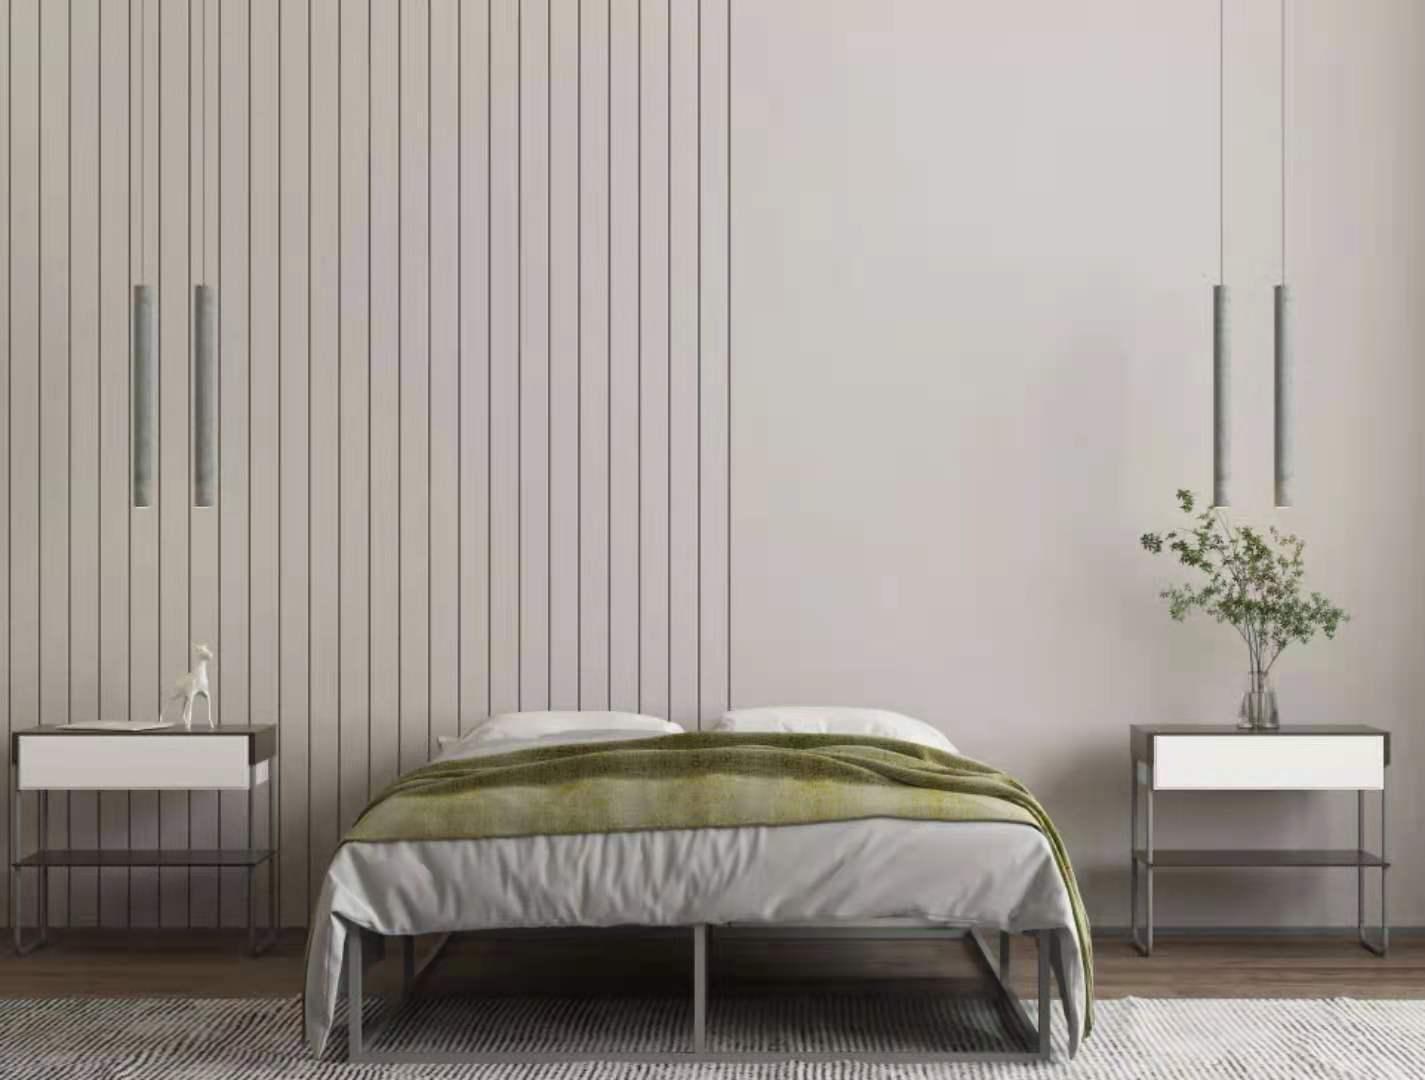 سرير معدني ، إطار سرير بلا أرجل ، ربيع صندوق ، هيكل معدني قوي ، سهل التجميع ، مقاس كامل ، رمادي